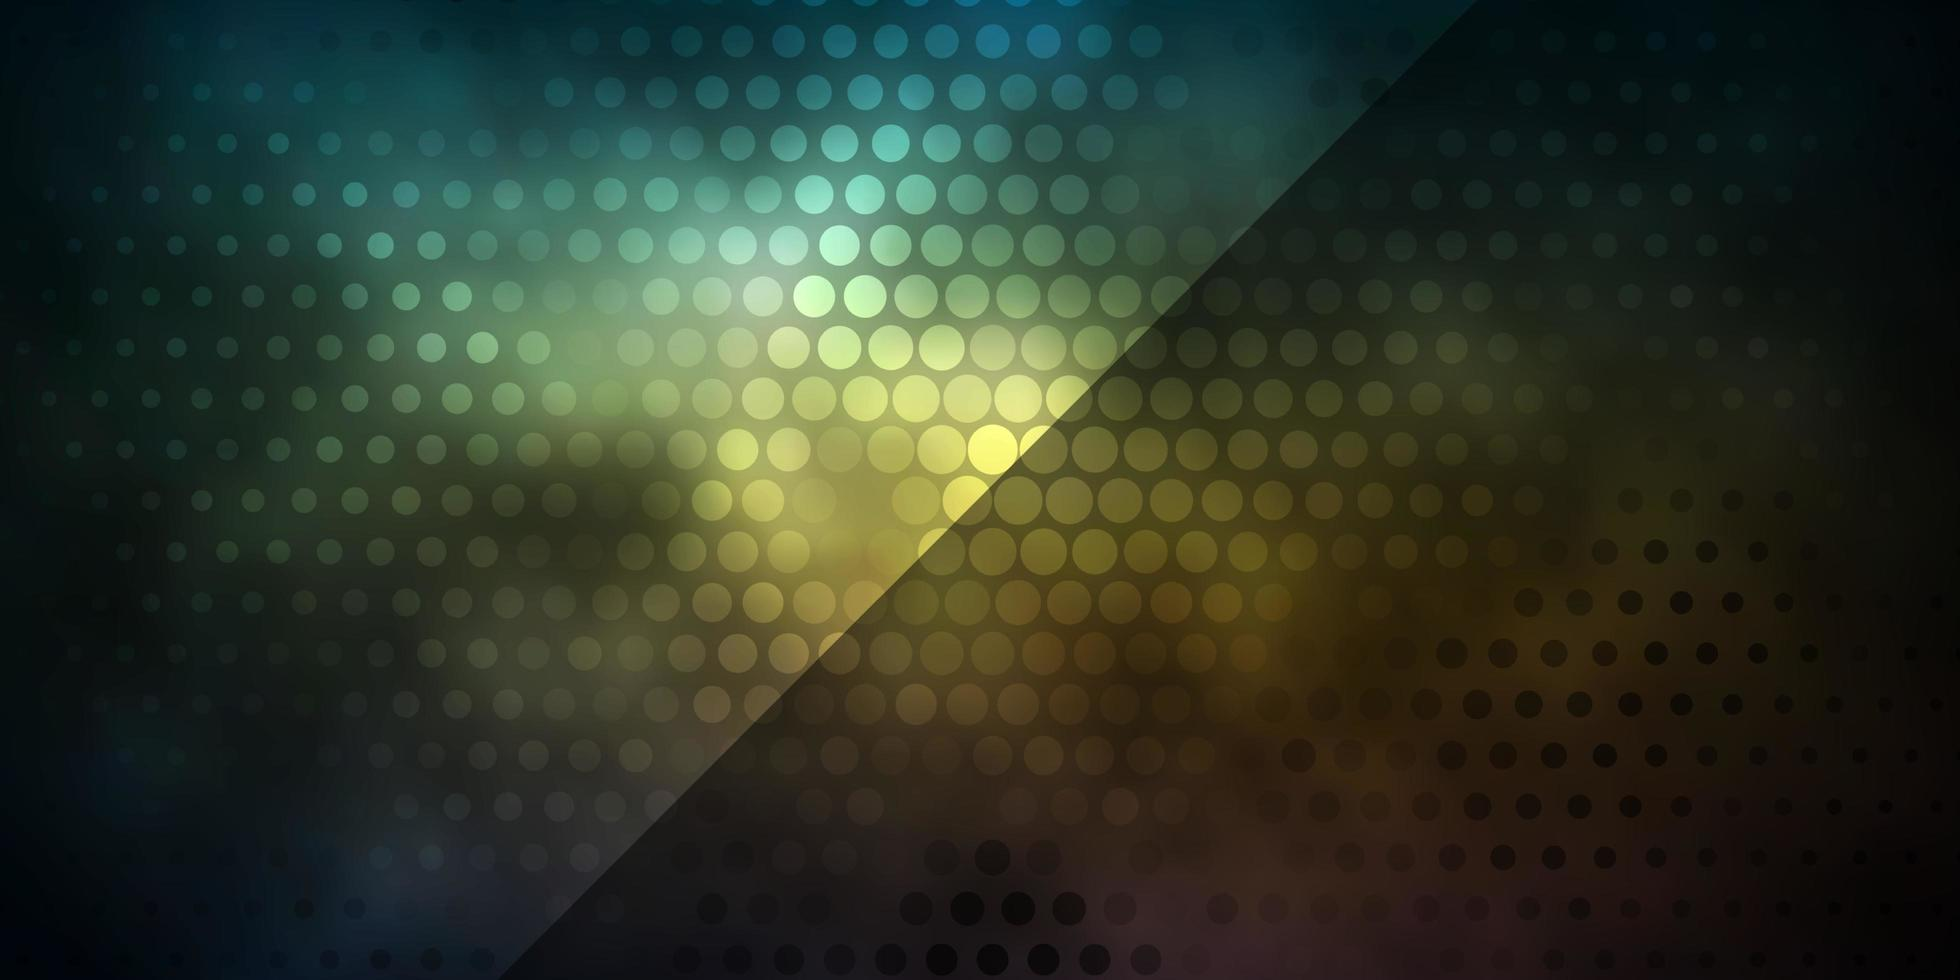 fondo amarillo oscuro con círculos. vector